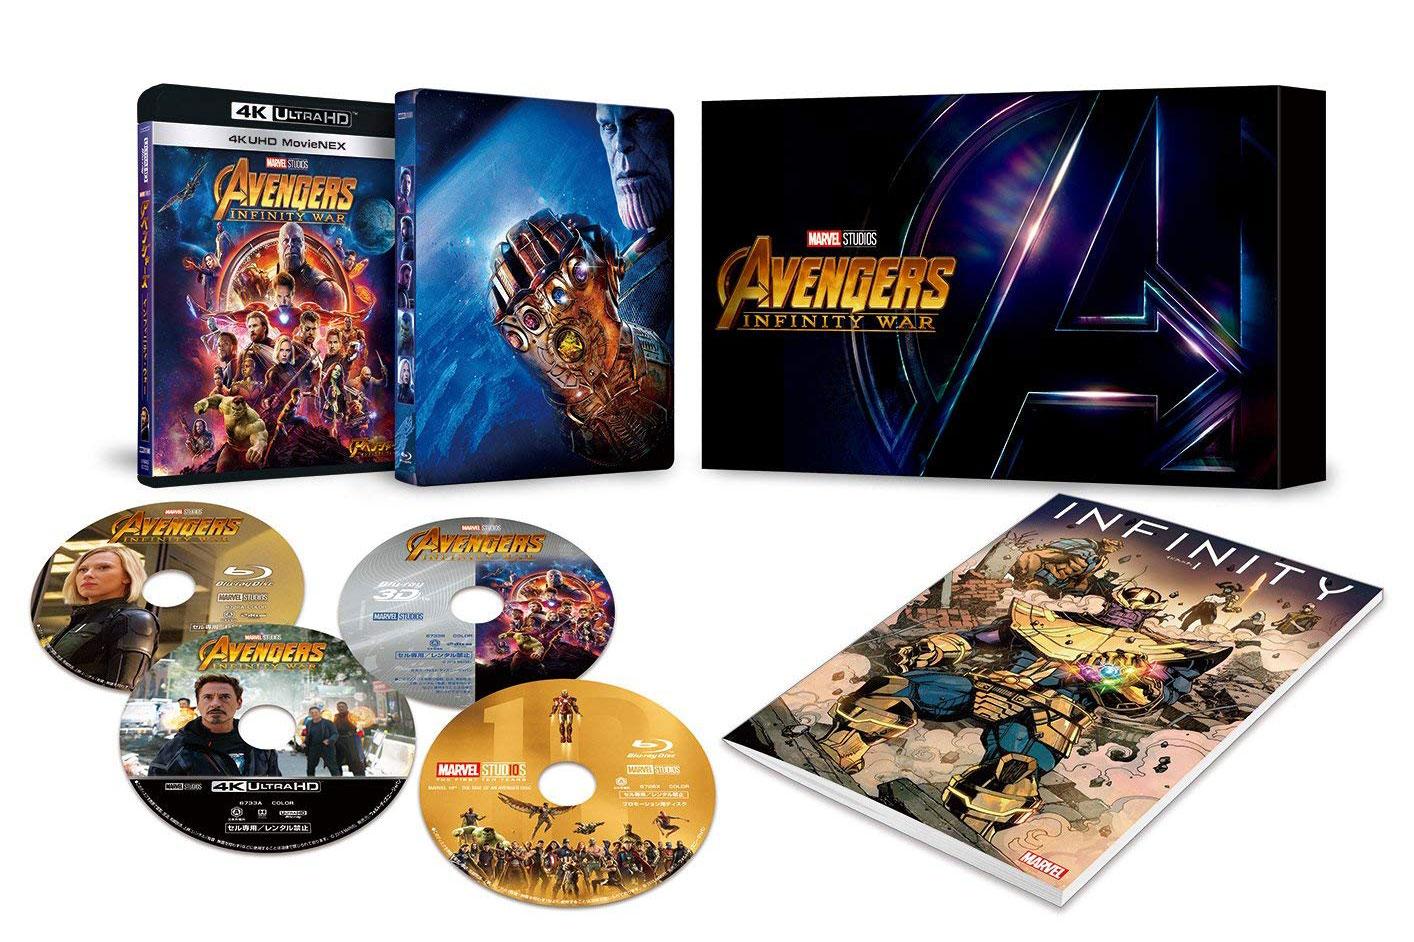 『アベンジャーズ/インフィニティウォー』のDVD&Blu-rayが9月5日発売!デジタル版は8/8から!